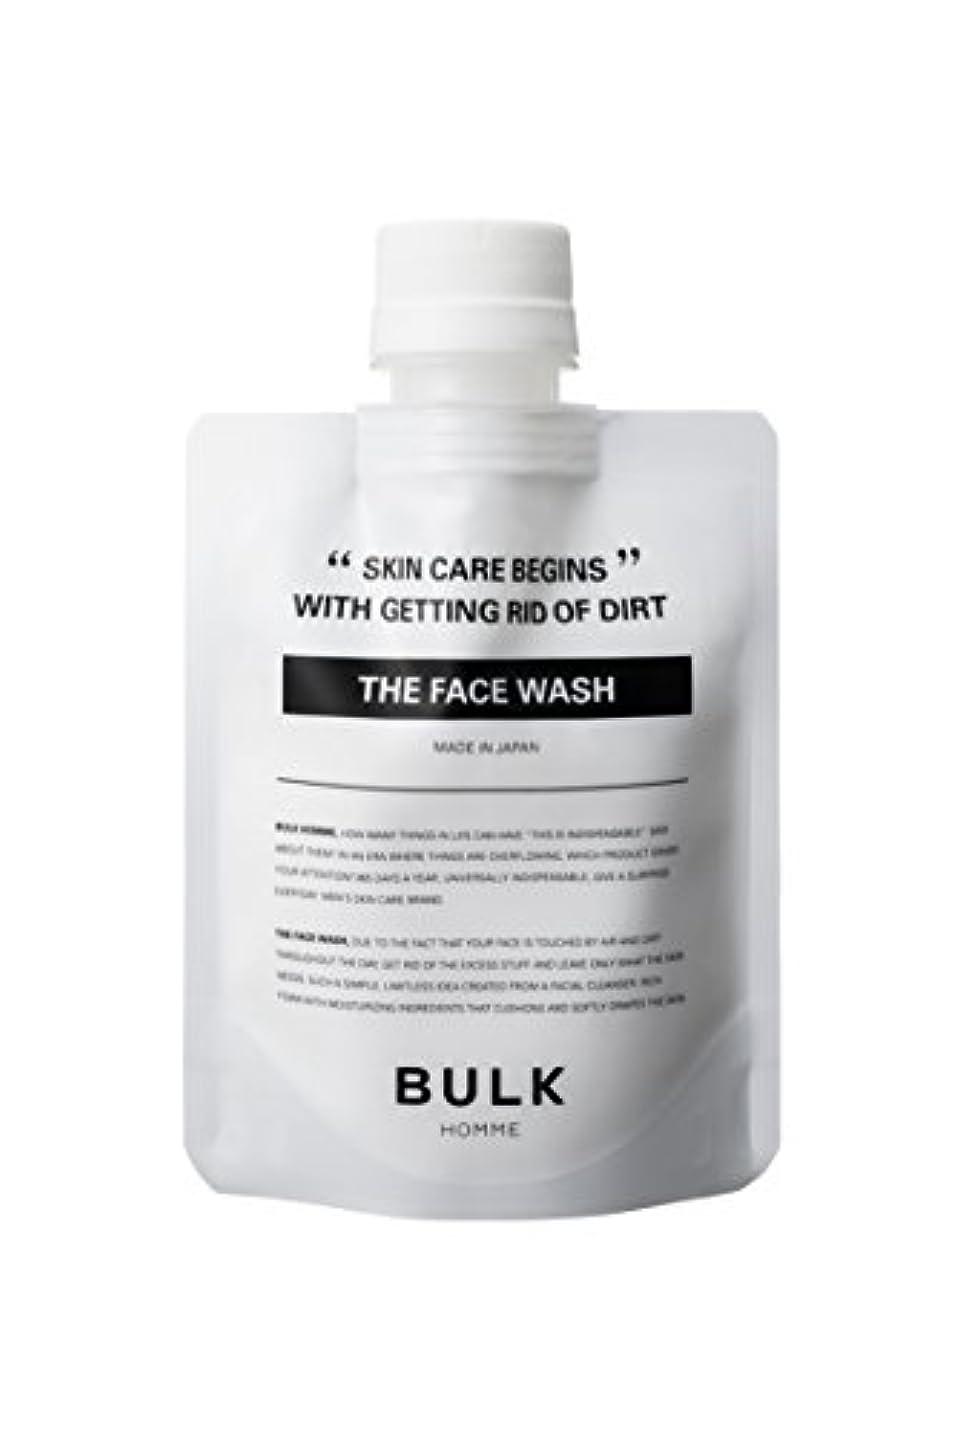 タイムリーな矛盾手紙を書くBULK HOMME THE FACE WASH 洗顔料 100g